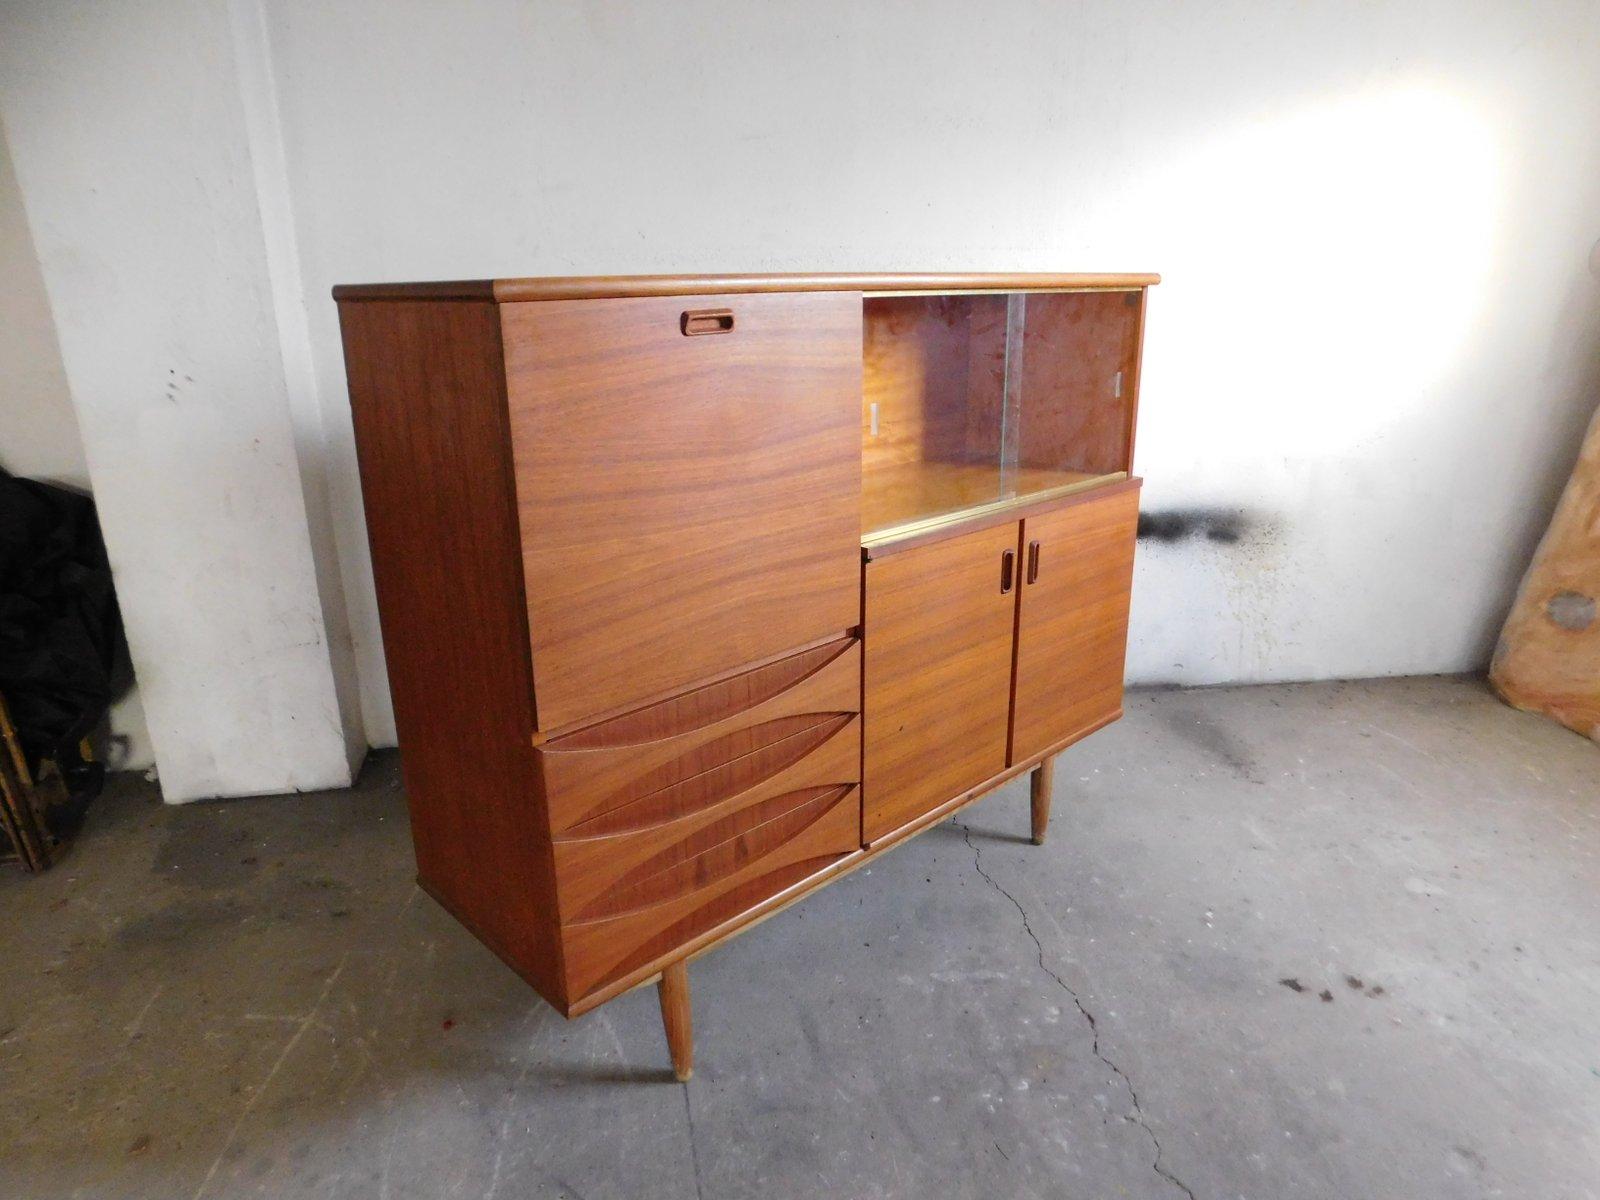 gro es teakholz sideboard mit schiebet ren aus glas 1960er bei pamono kaufen. Black Bedroom Furniture Sets. Home Design Ideas